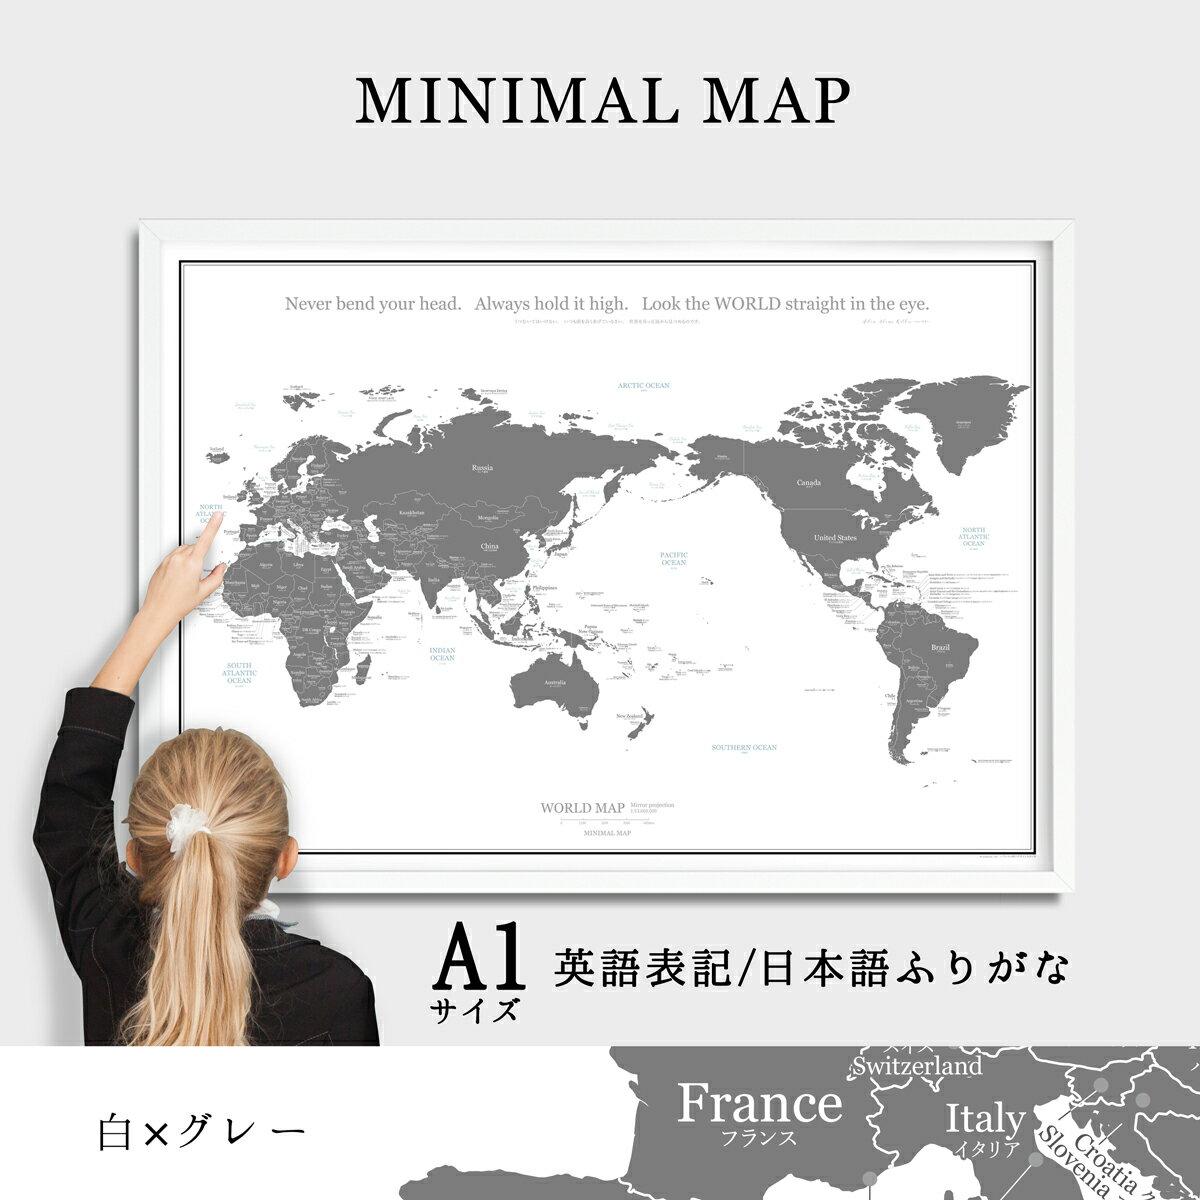 おおきな世界地図ポスター / 英語・日本語表記 / 白×グレー A1サイズ / ミニマルマップ